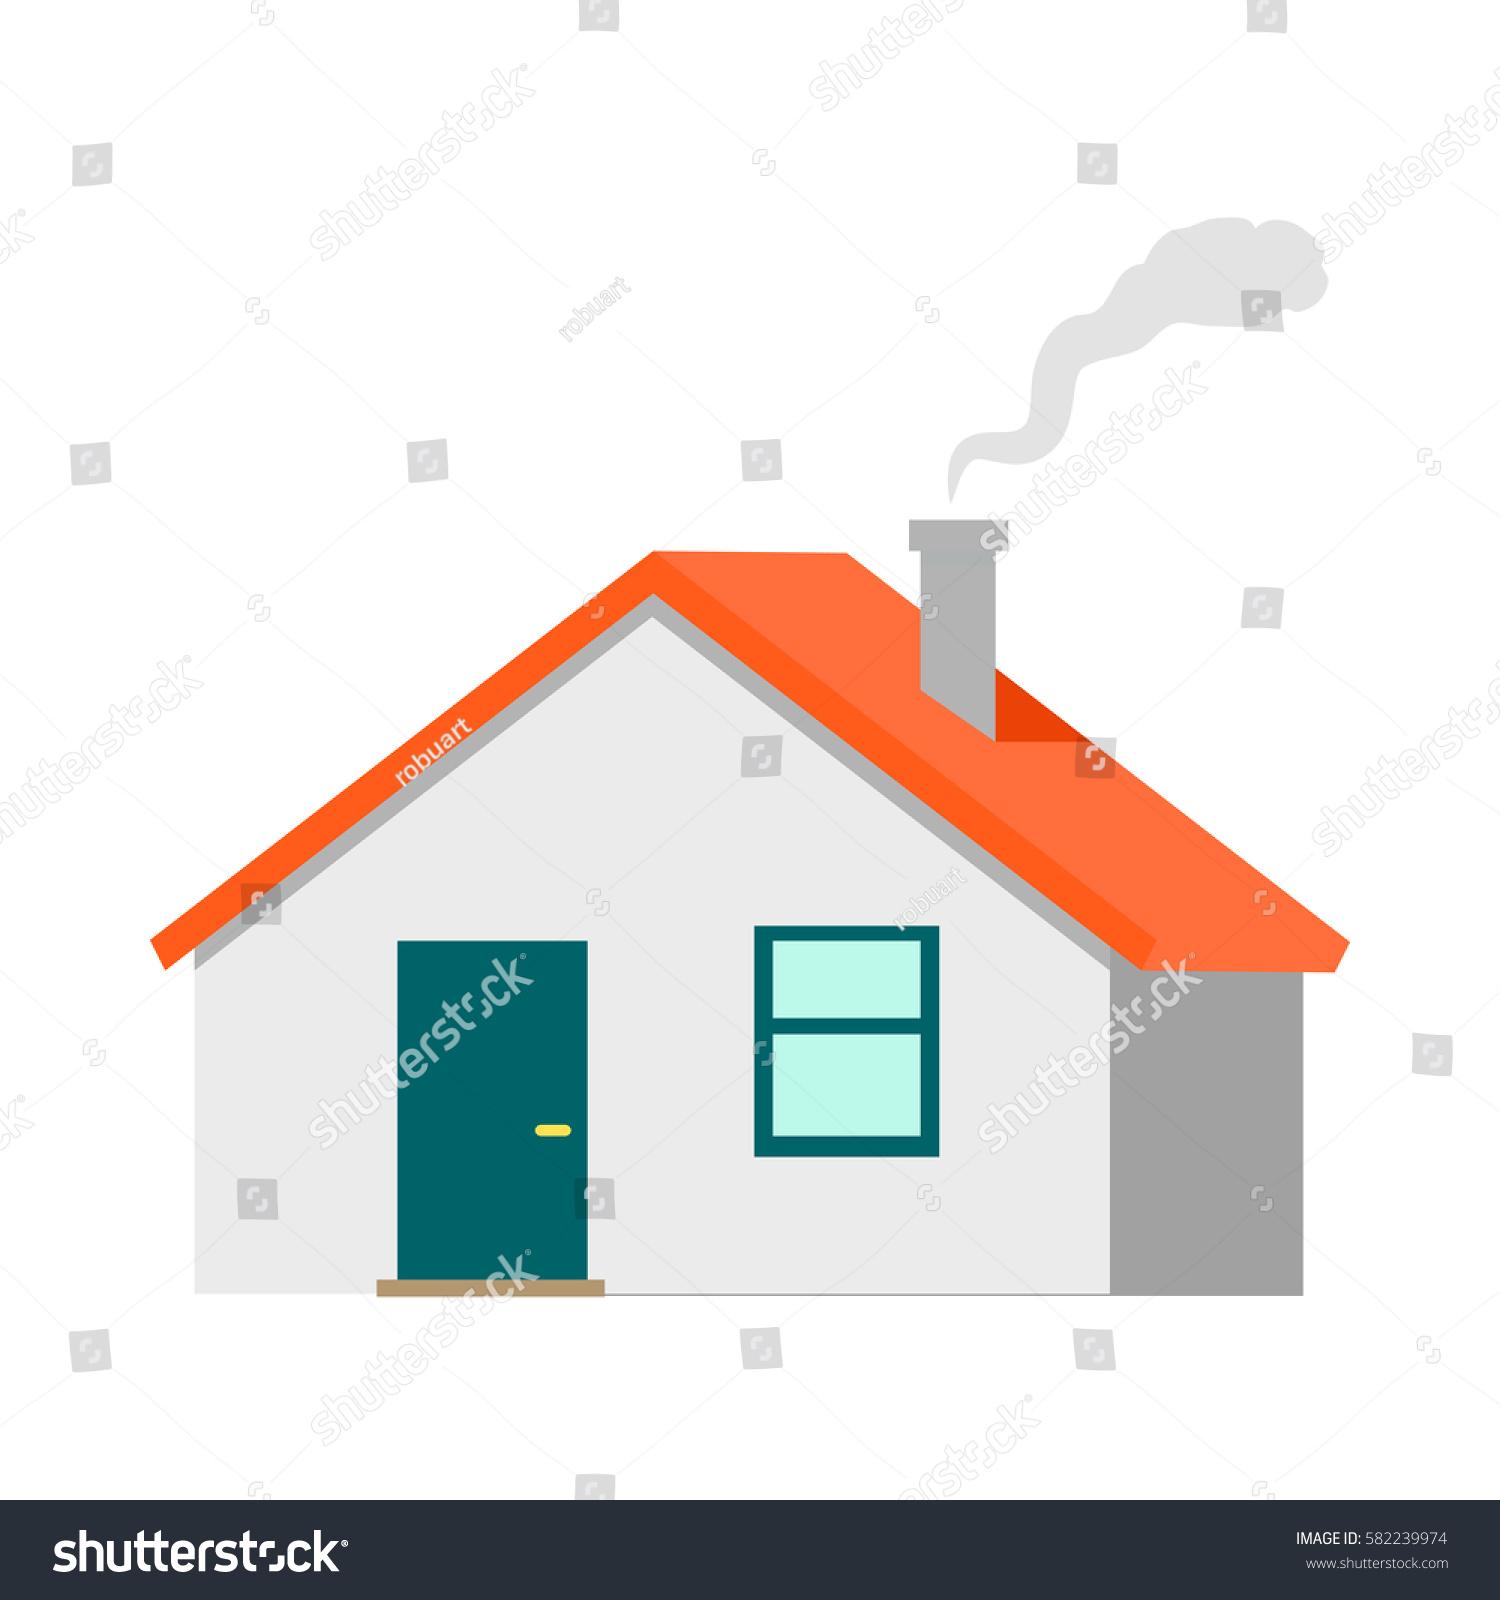 House Illustration Flat Design Cottage Red Stock Illustration ...